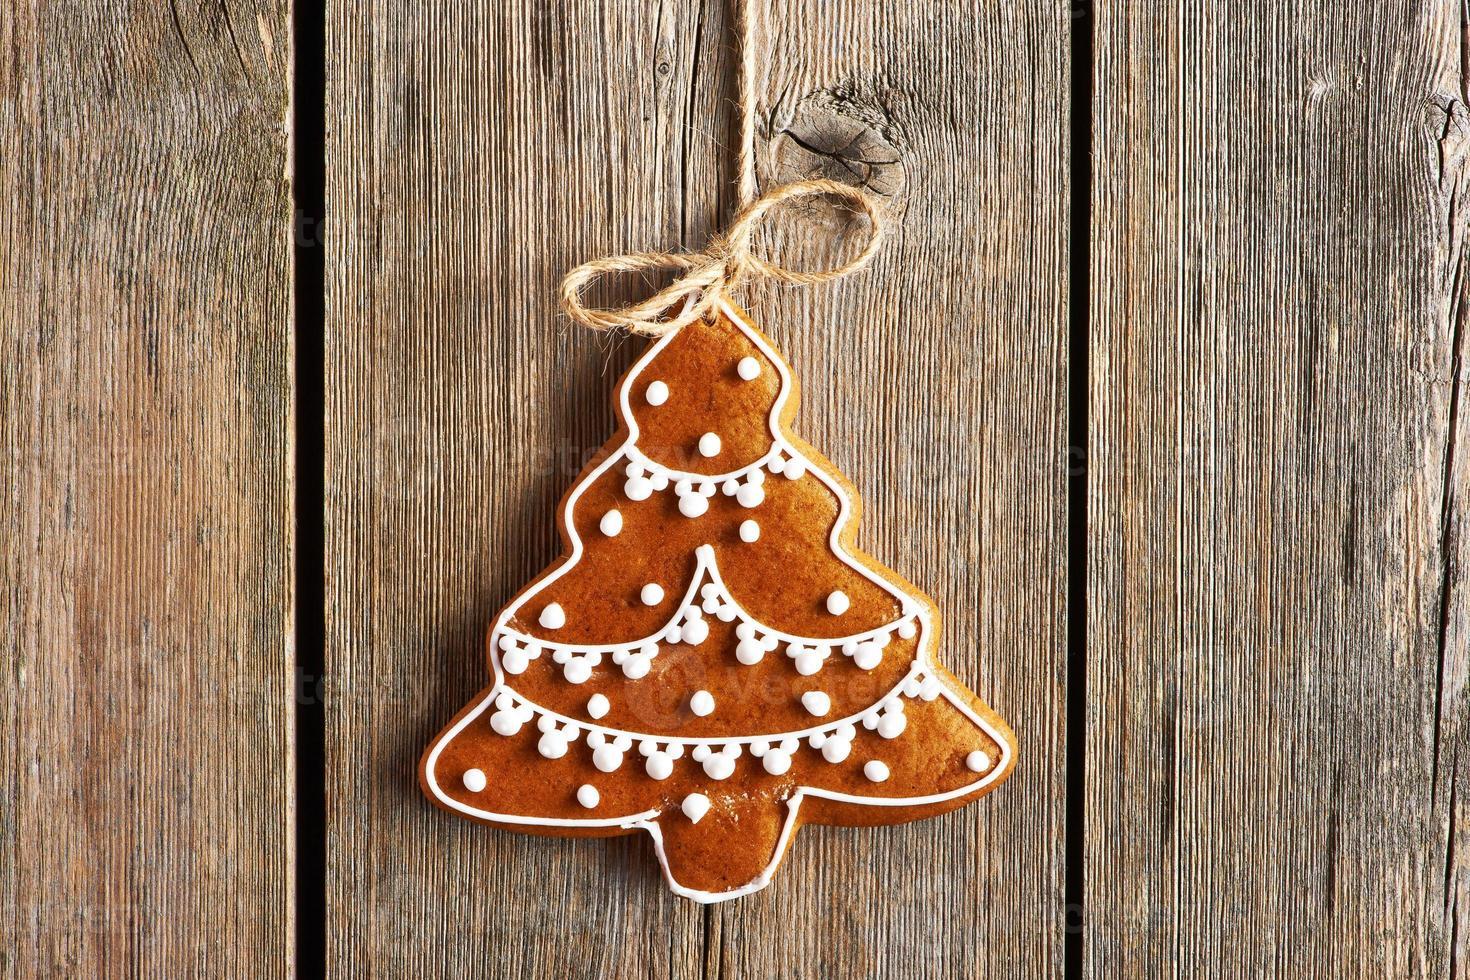 Weihnachten hausgemachten Lebkuchen Keks foto